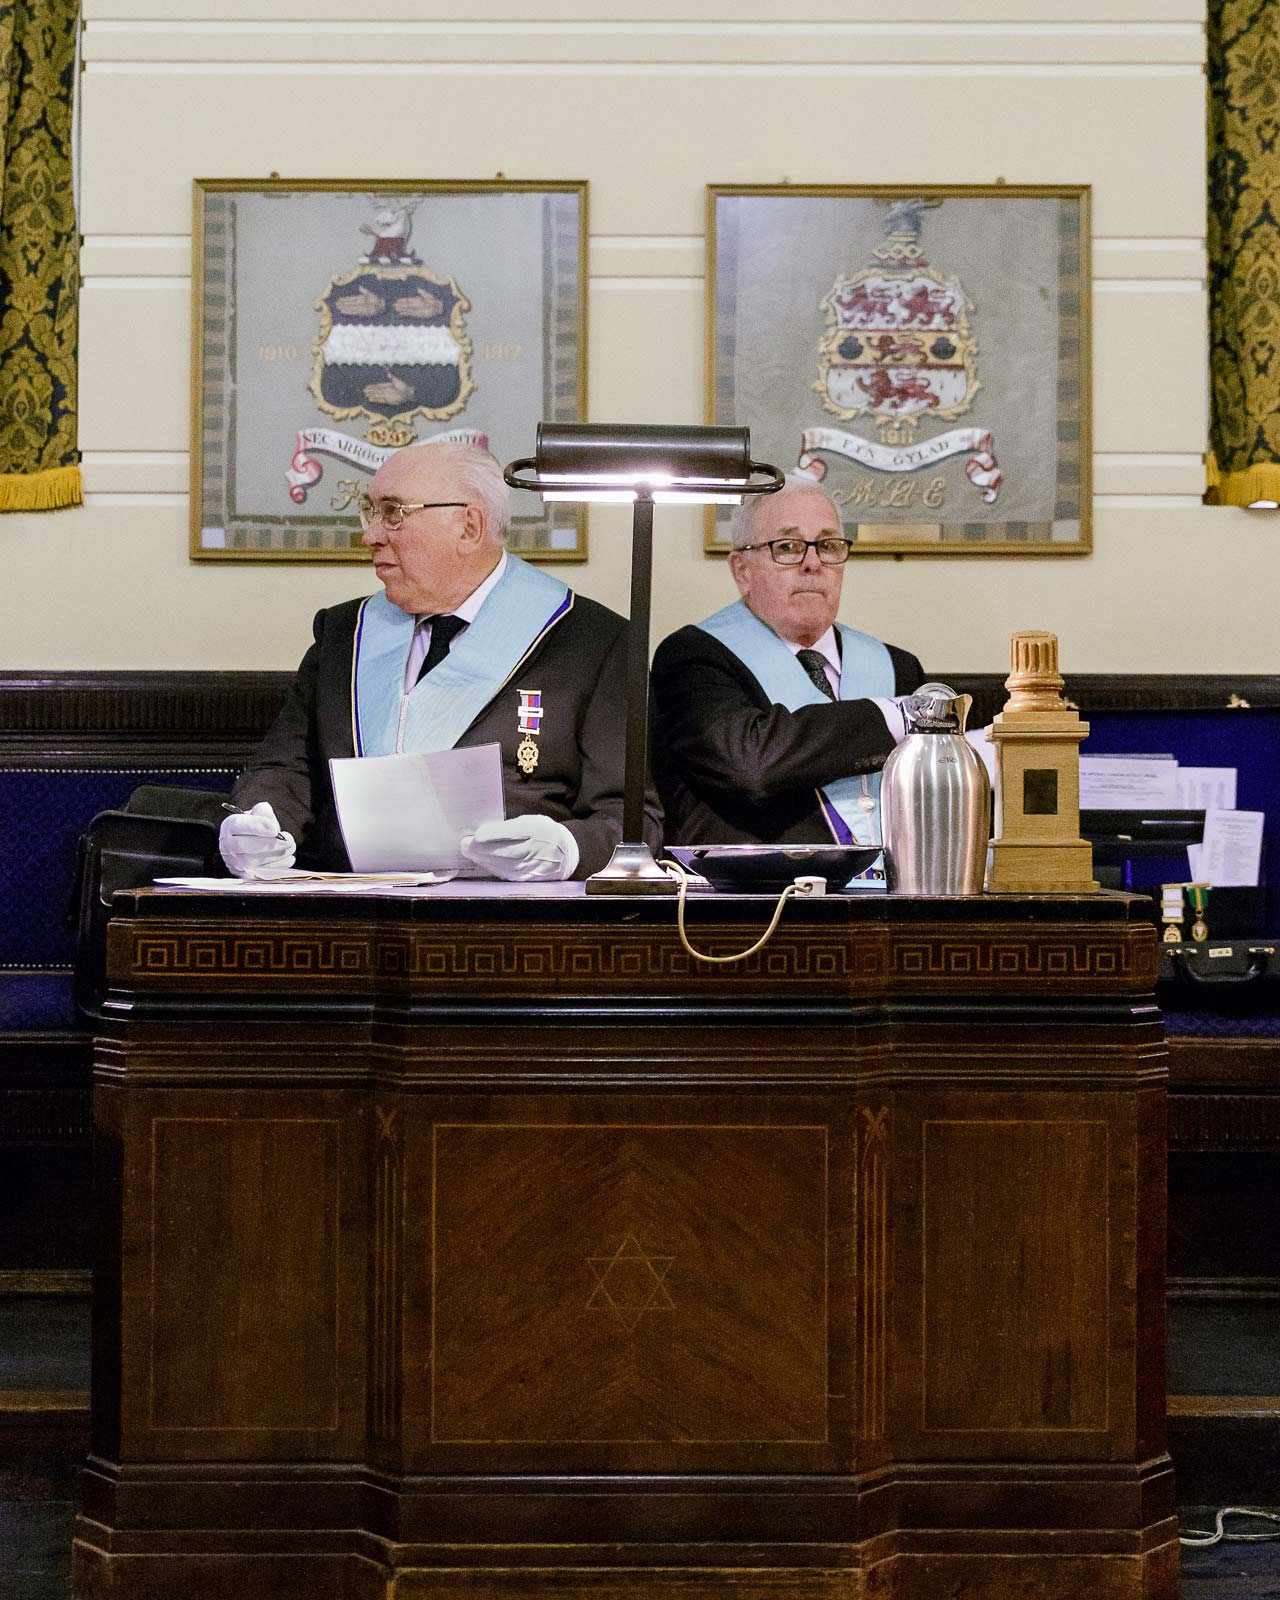 Mitglieder der »Terpsichore Lodge« bei den Vorbereitungen zum Zeremonie in der »Freemason's Hall«, London, England, 2015. Foto: Juliane Herrmann